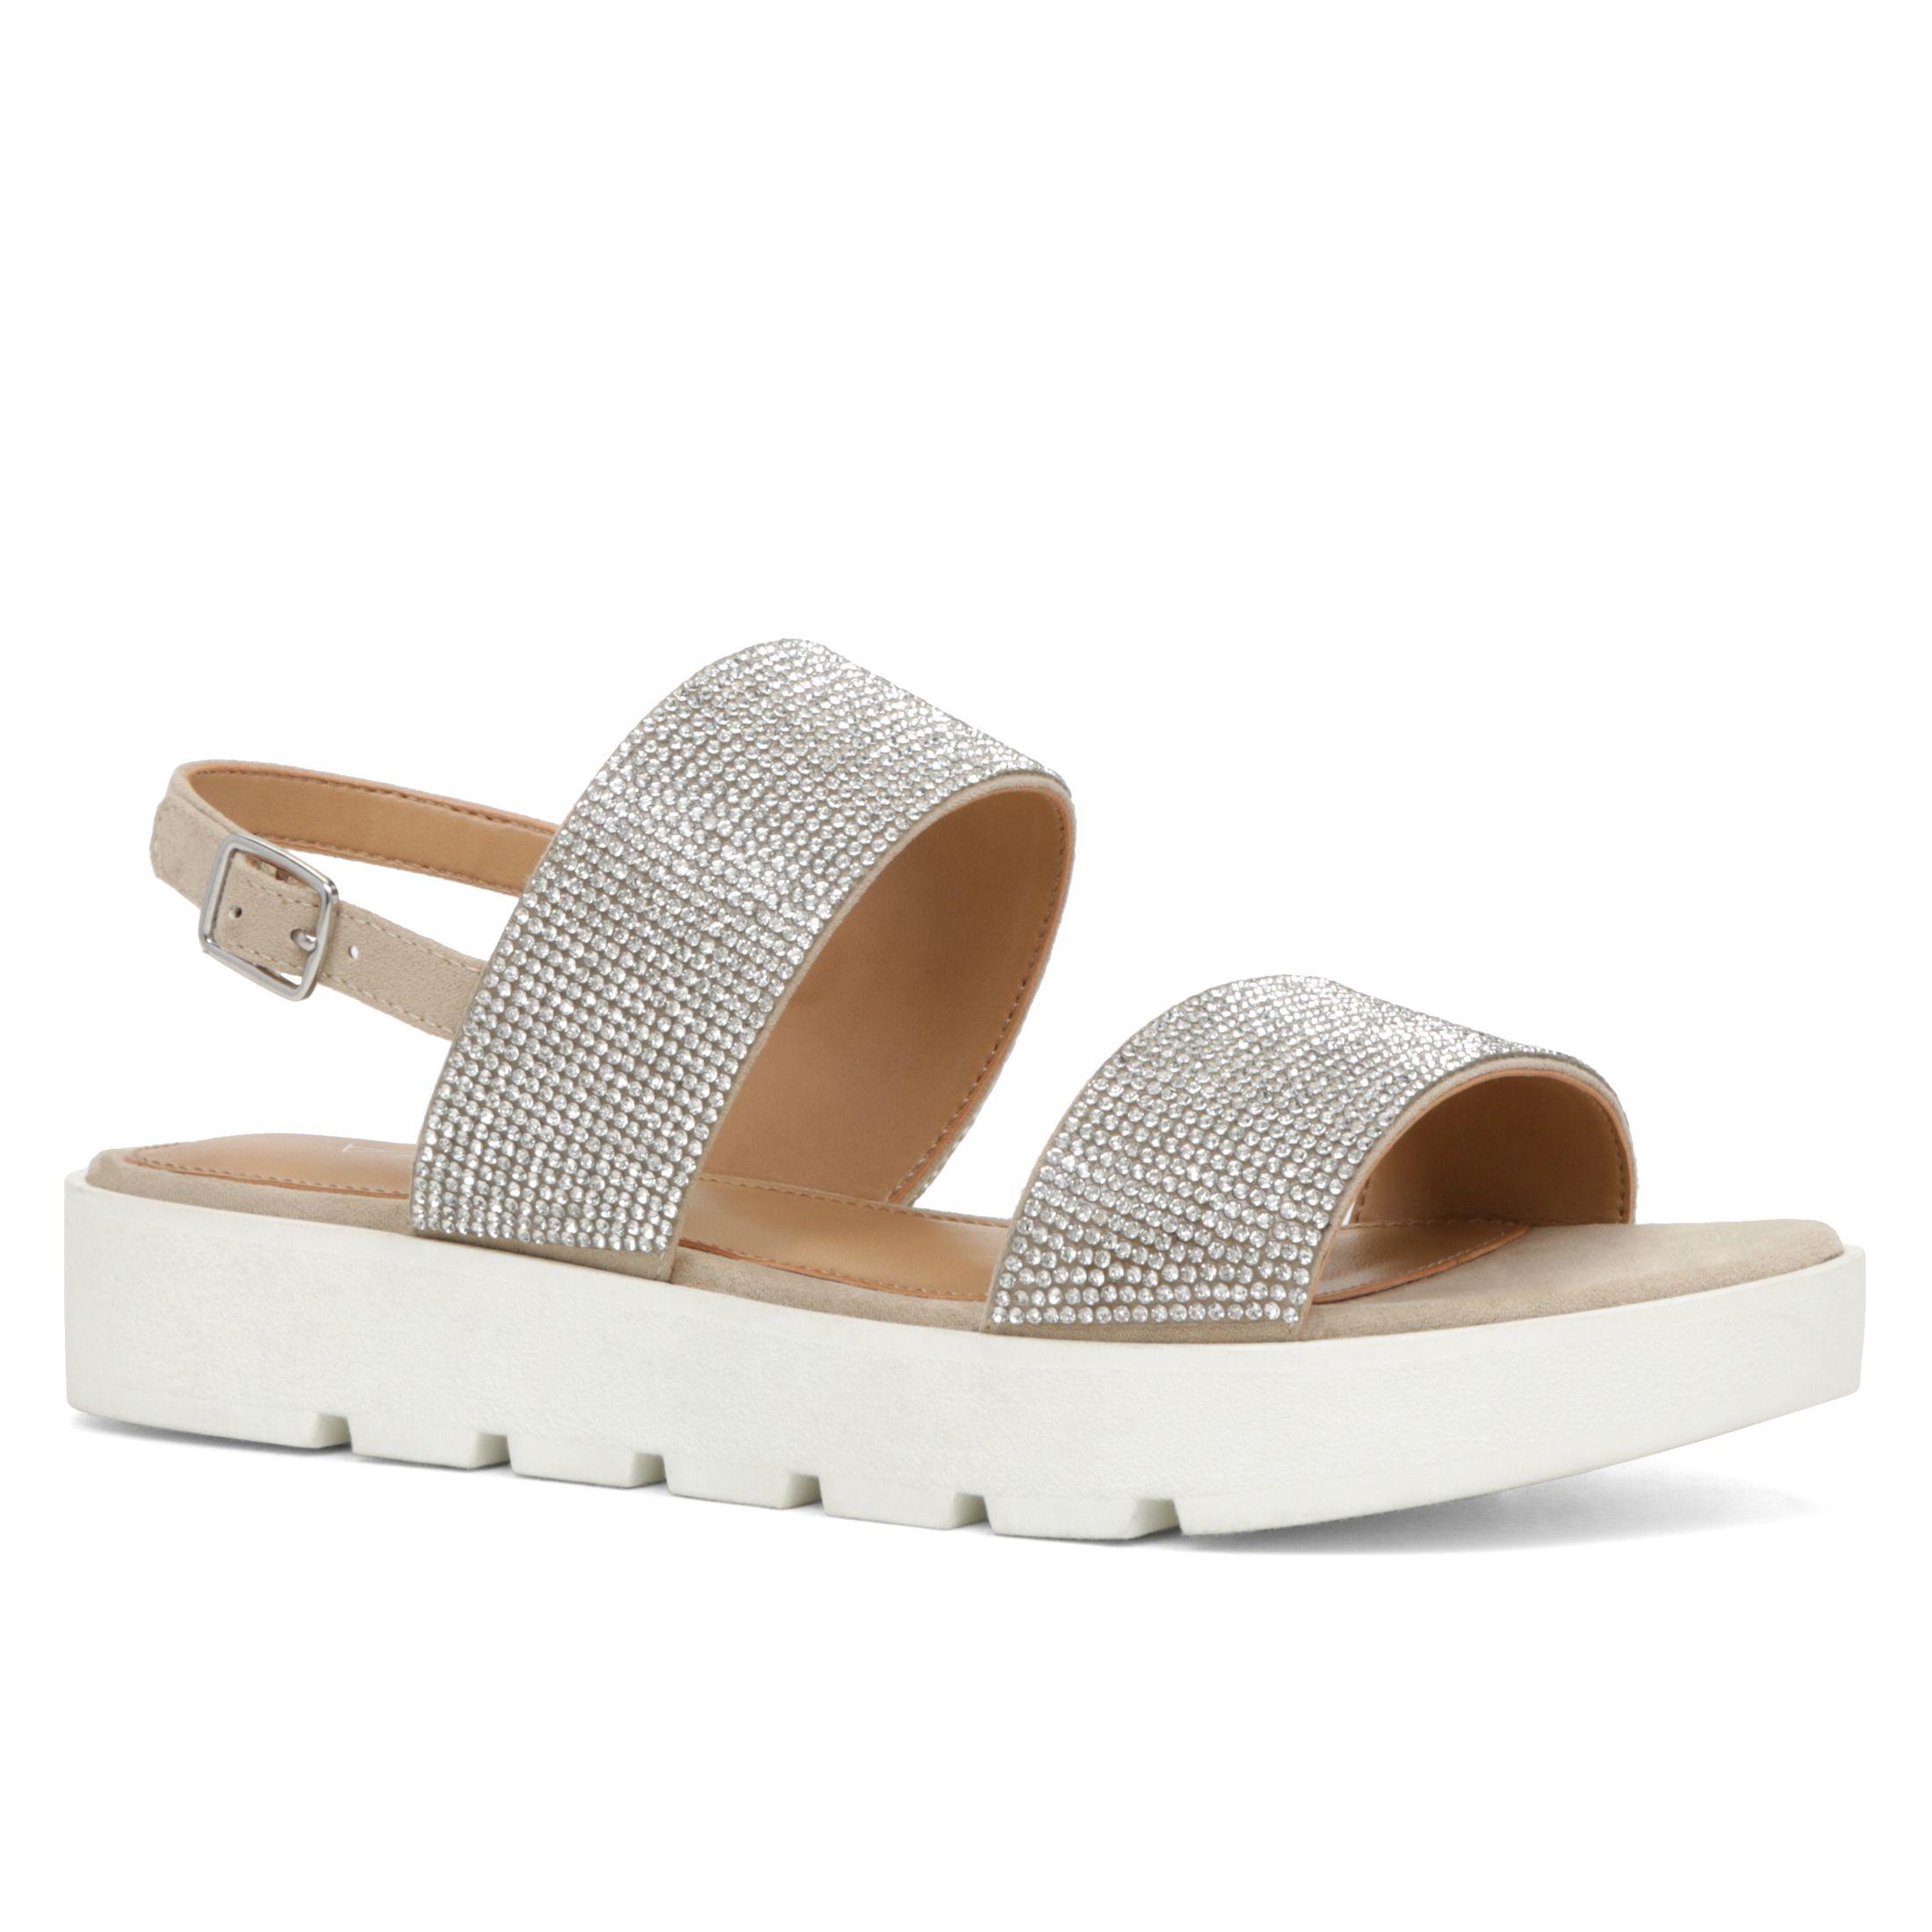 Aldo Eowenna Flatform Sandals In Metallic Lyst